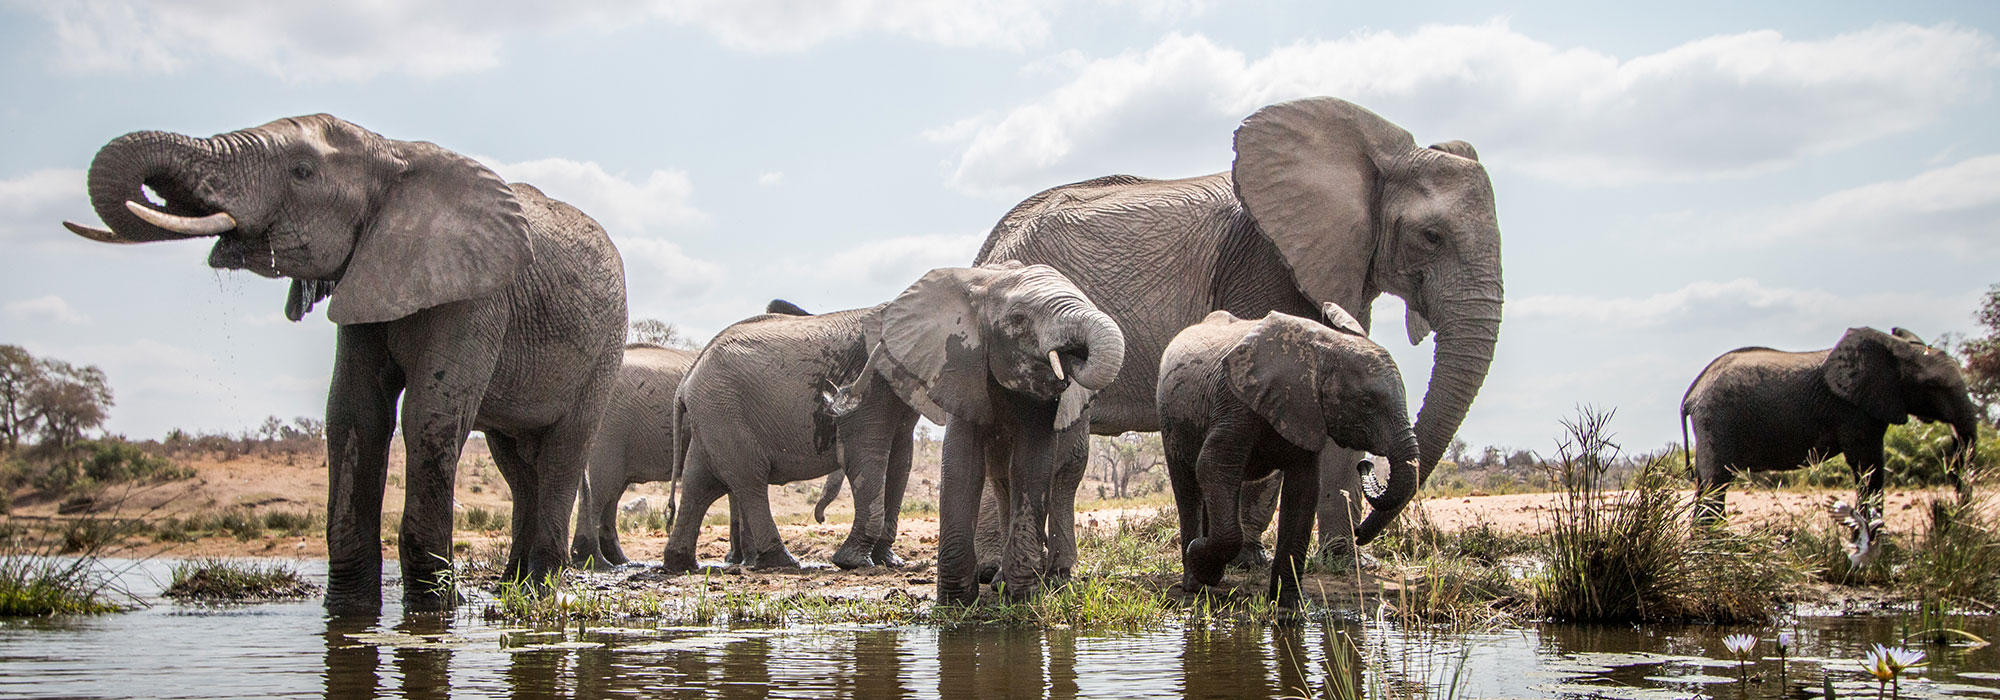 Elephants at Waterhole